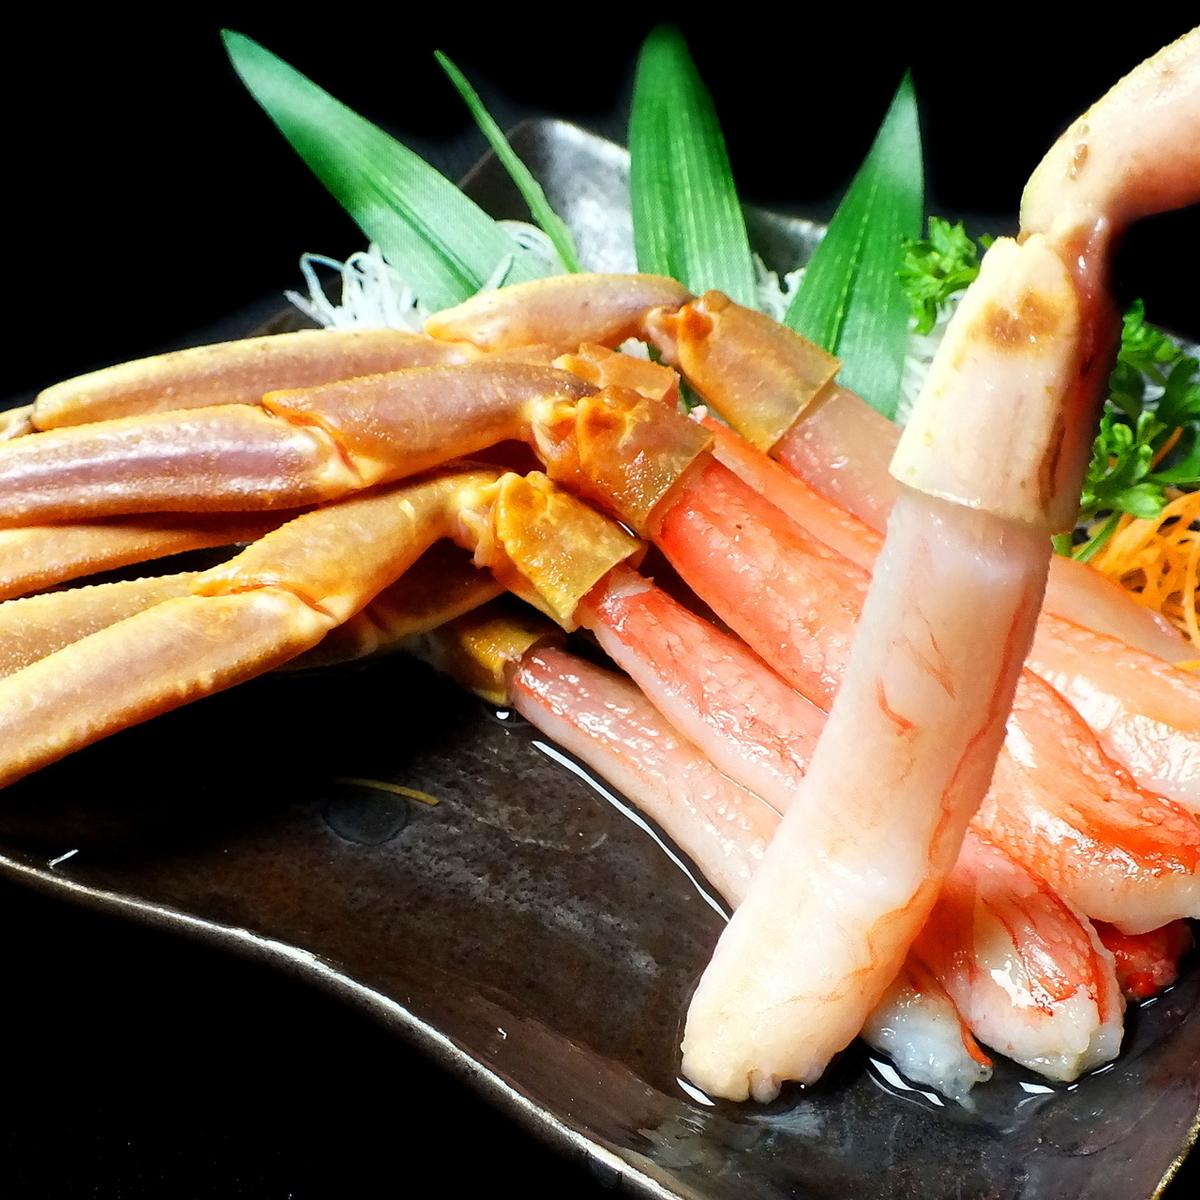 Raw crab fish